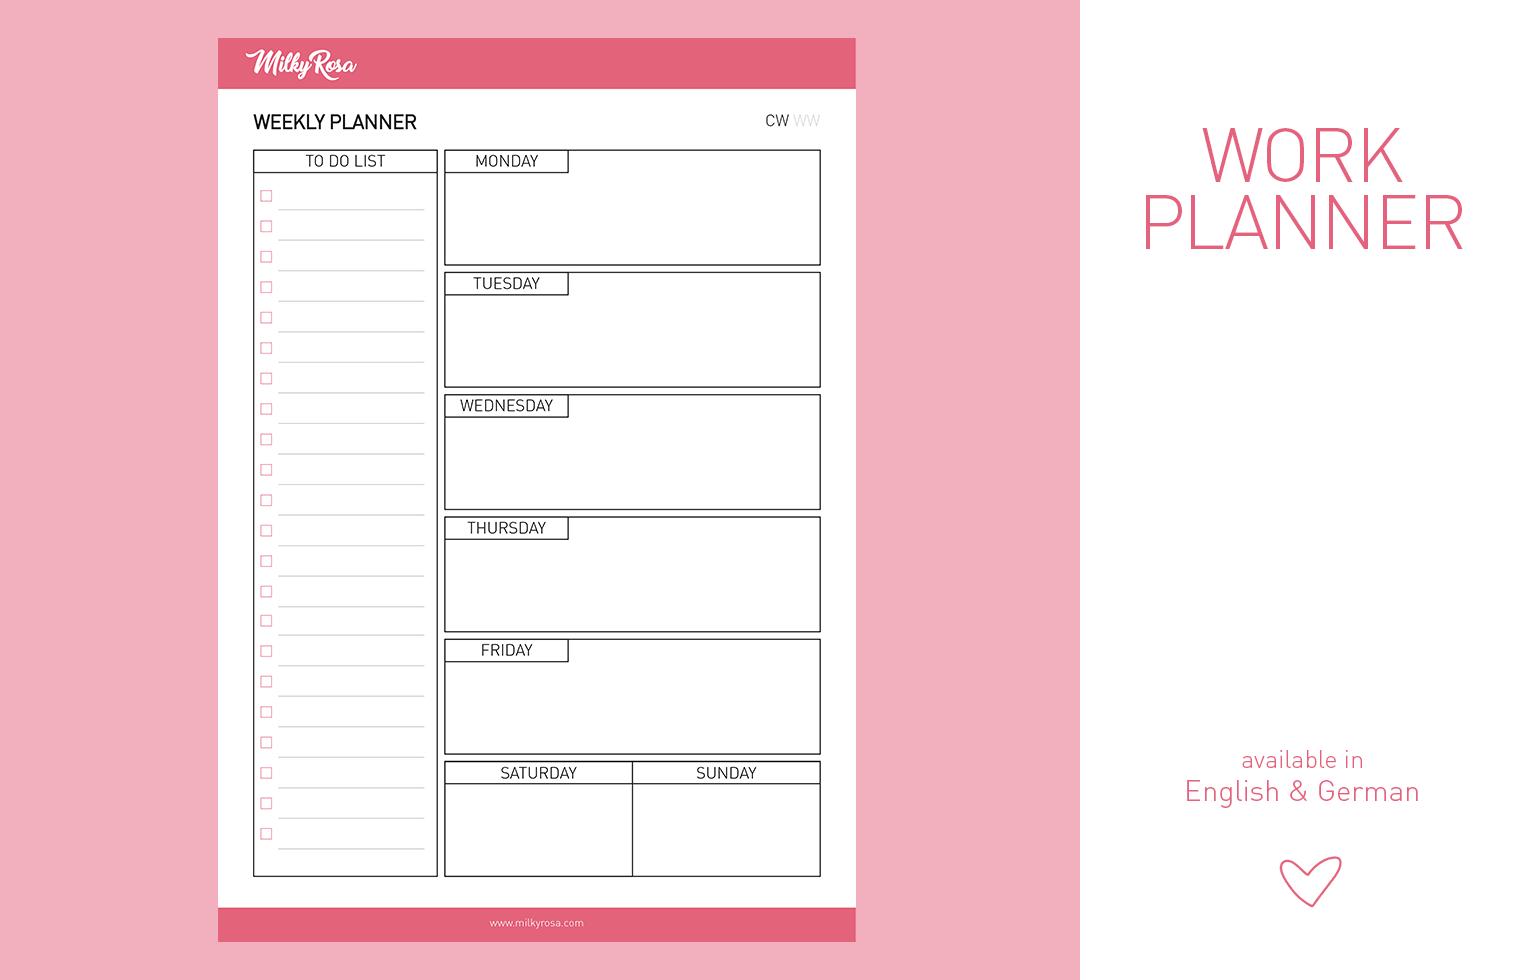 Work Planner - weekly